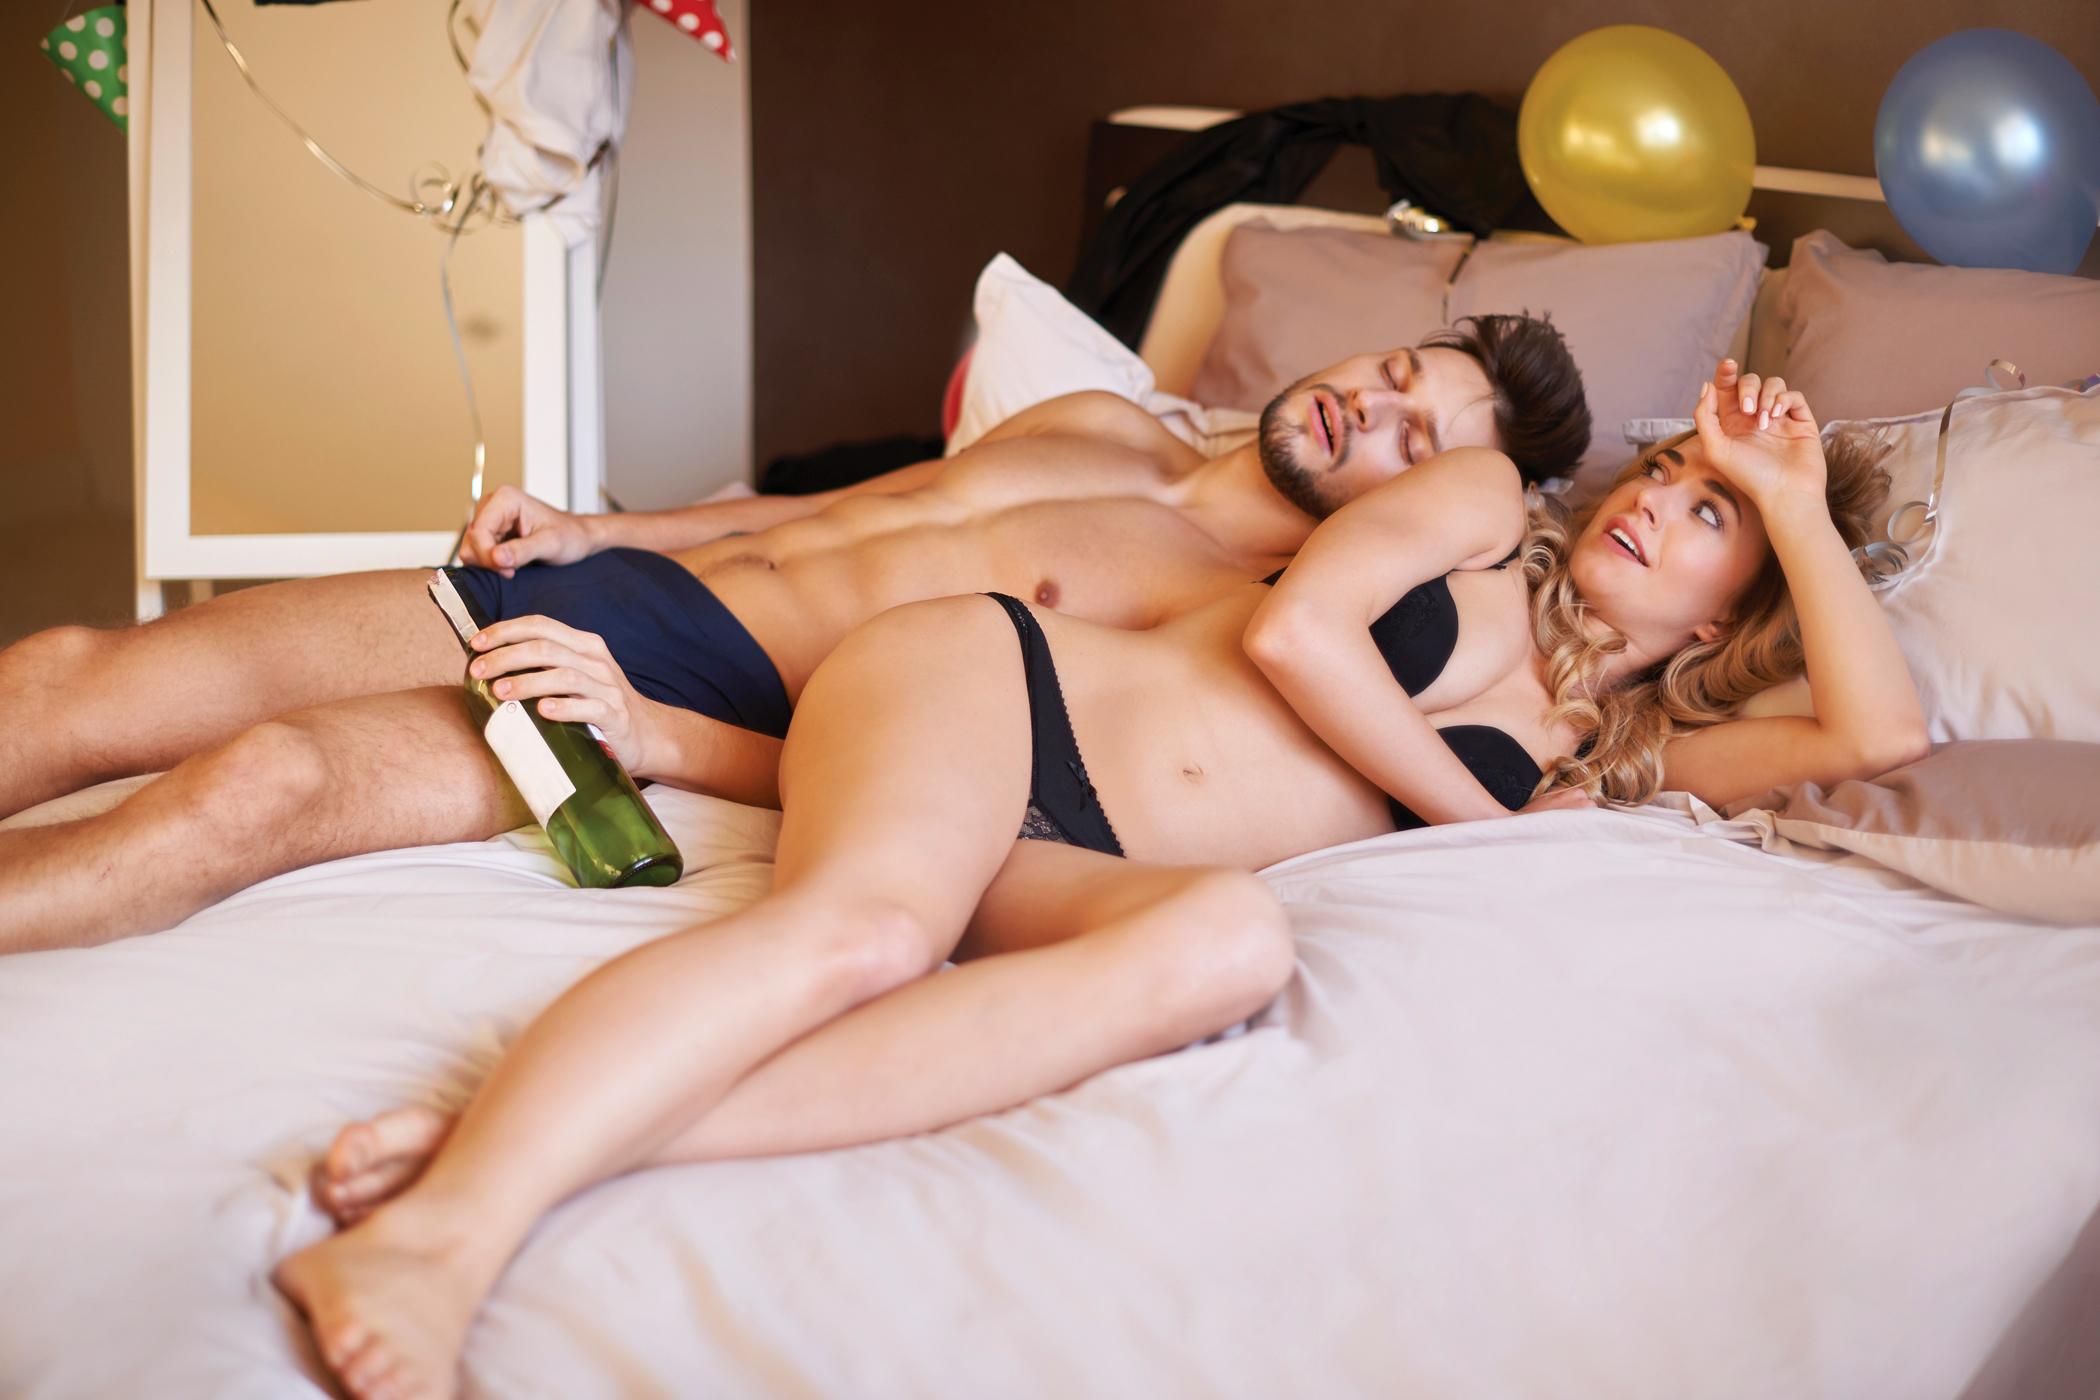 az anális szex hosszú távú hatásai